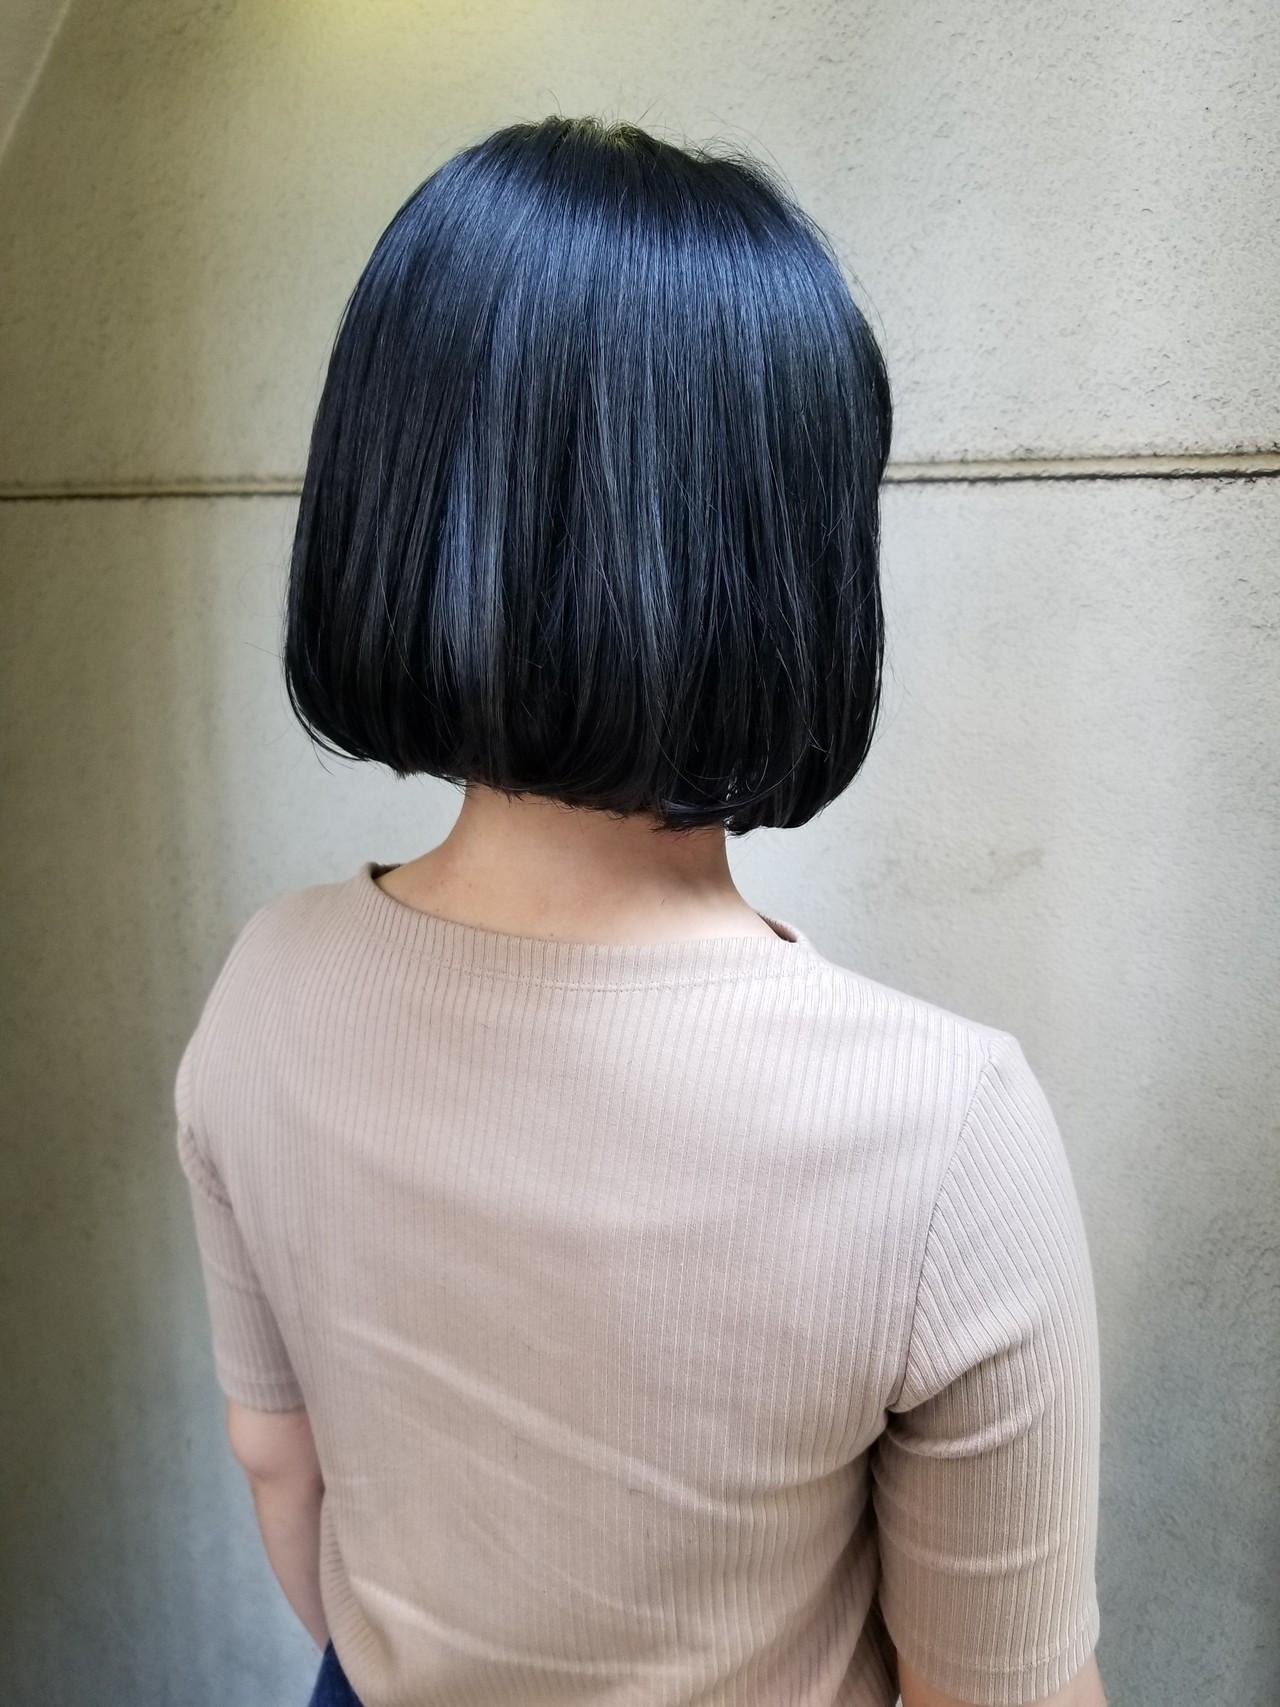 ブルージュ 切りっぱなしボブ ブルーアッシュ かっこいい ヘアスタイルや髪型の写真・画像